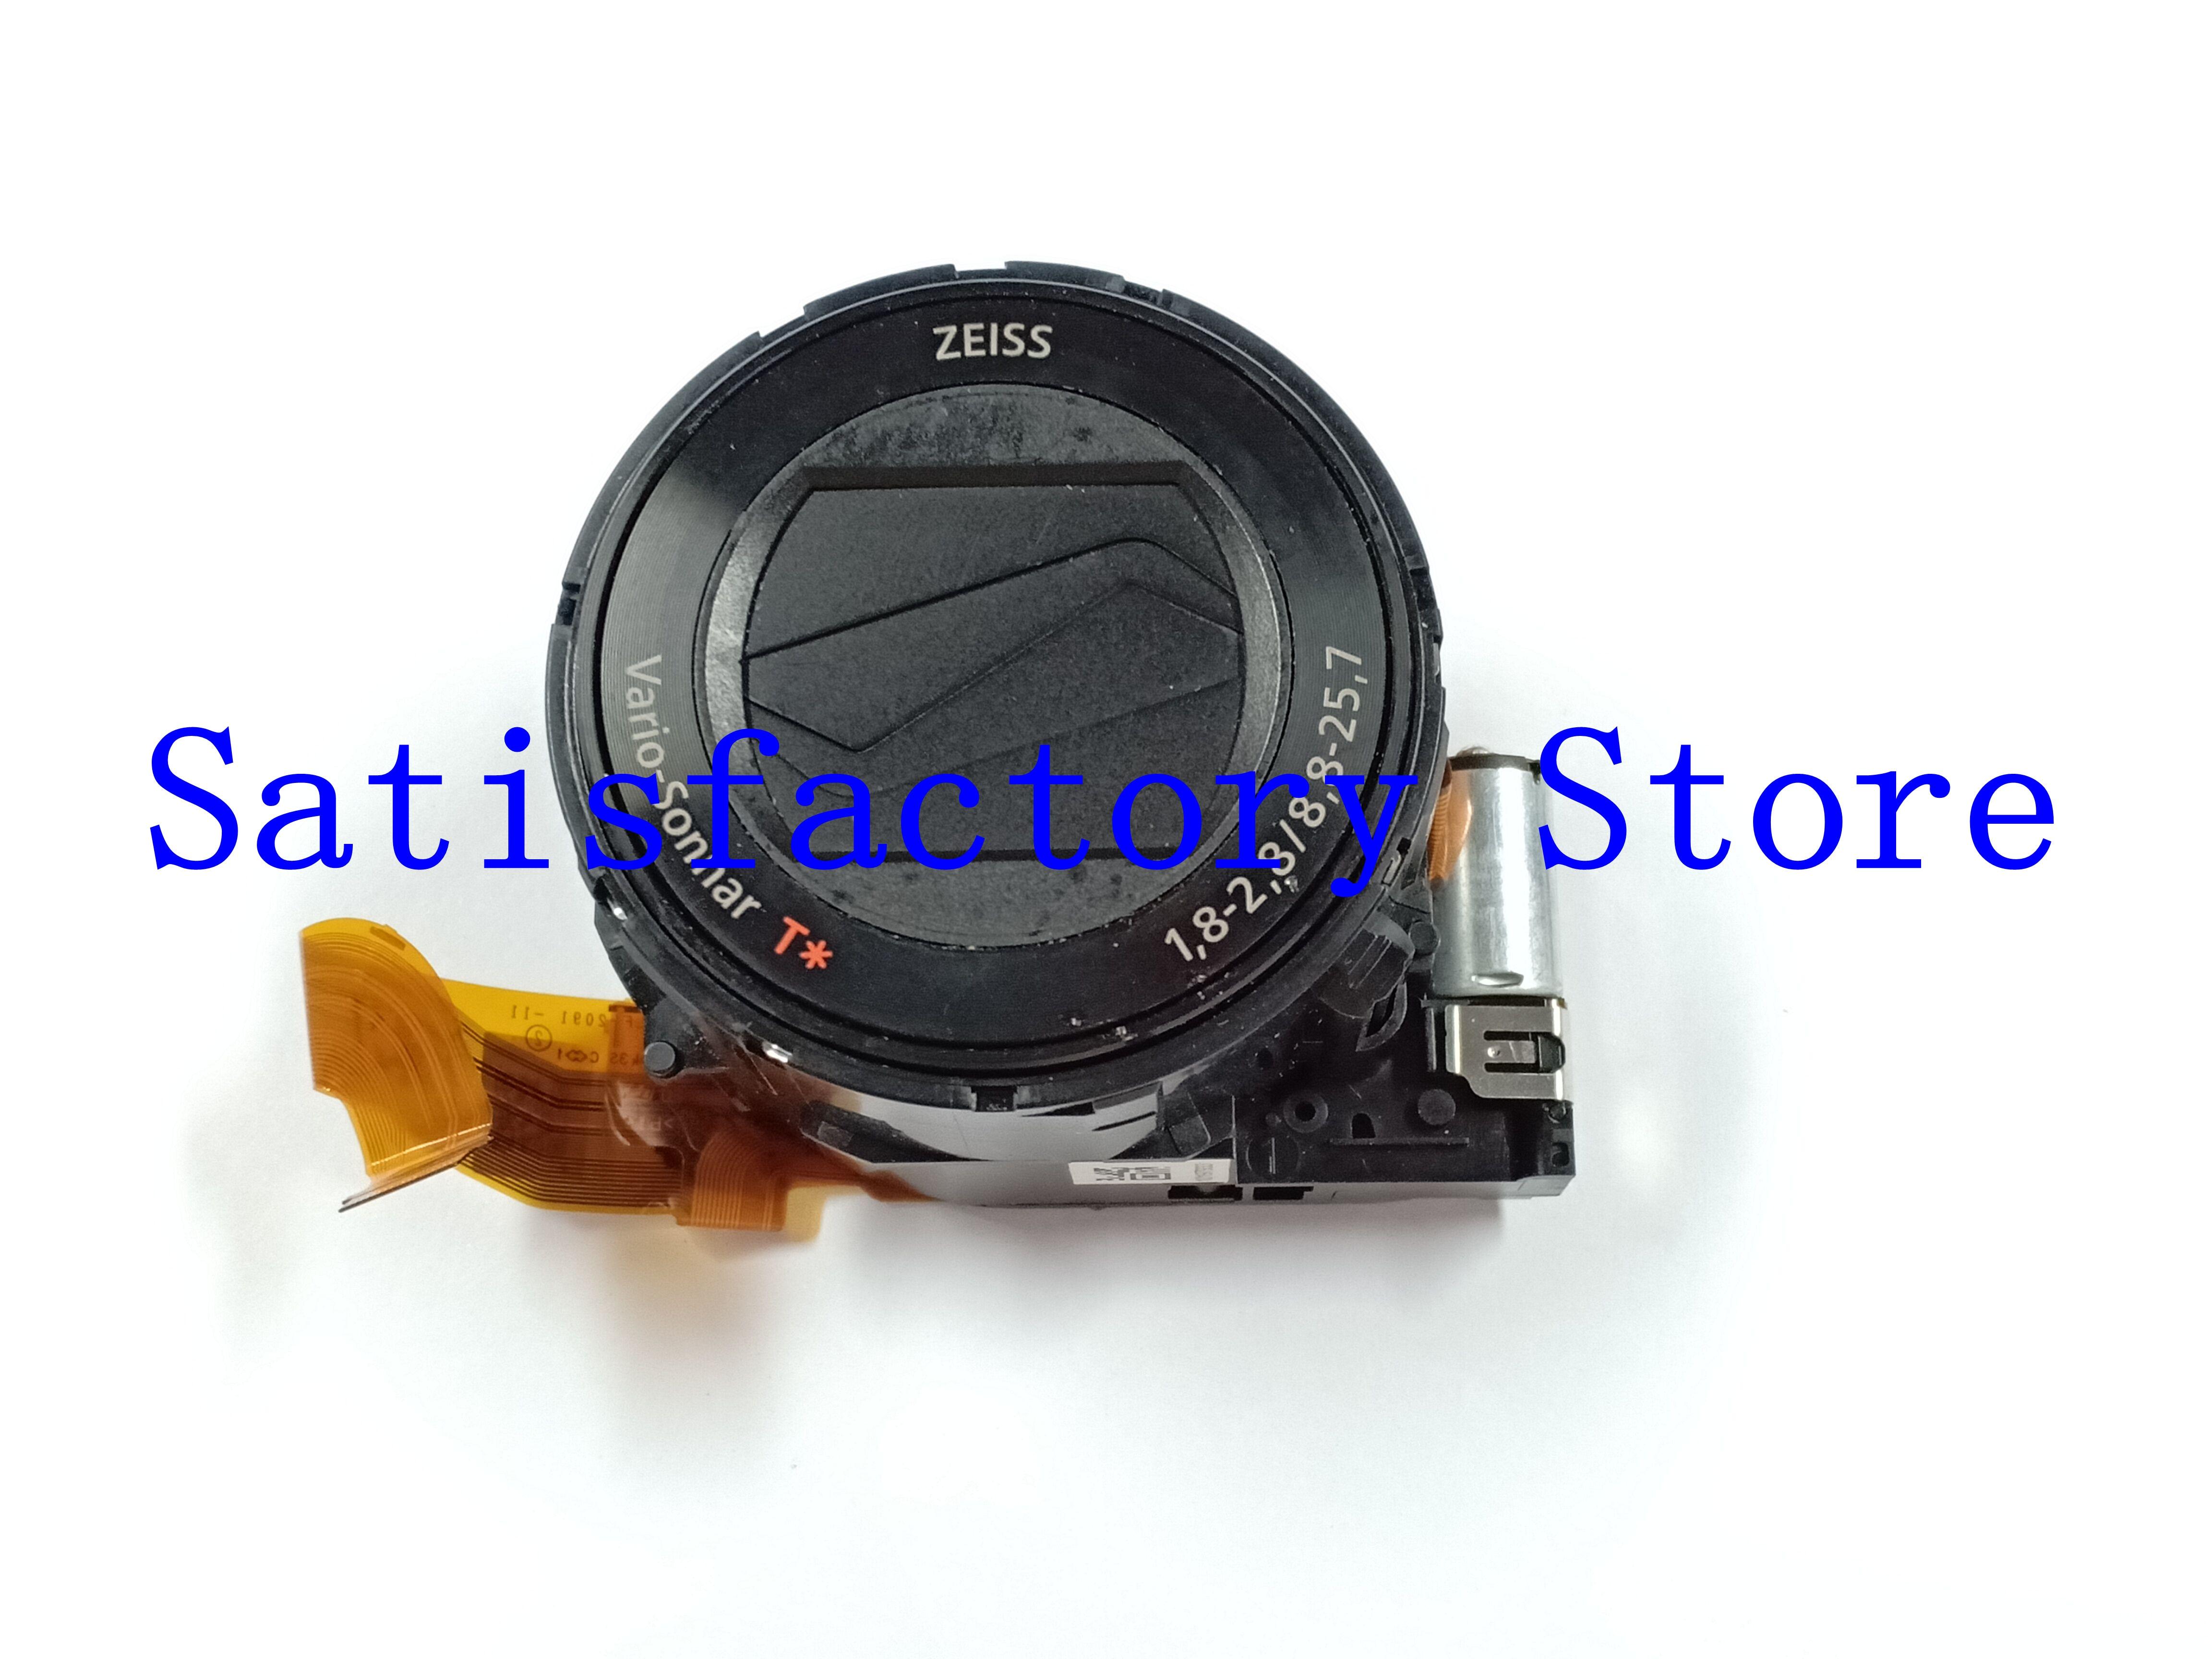 95% جديد RX100 III M3 عدسة التكبير لسوني سايبر شوت DSC-RX100III RX1003 RX100 M4 RX100 IV كاميرا رقمية إصلاح الجزء لا CCD